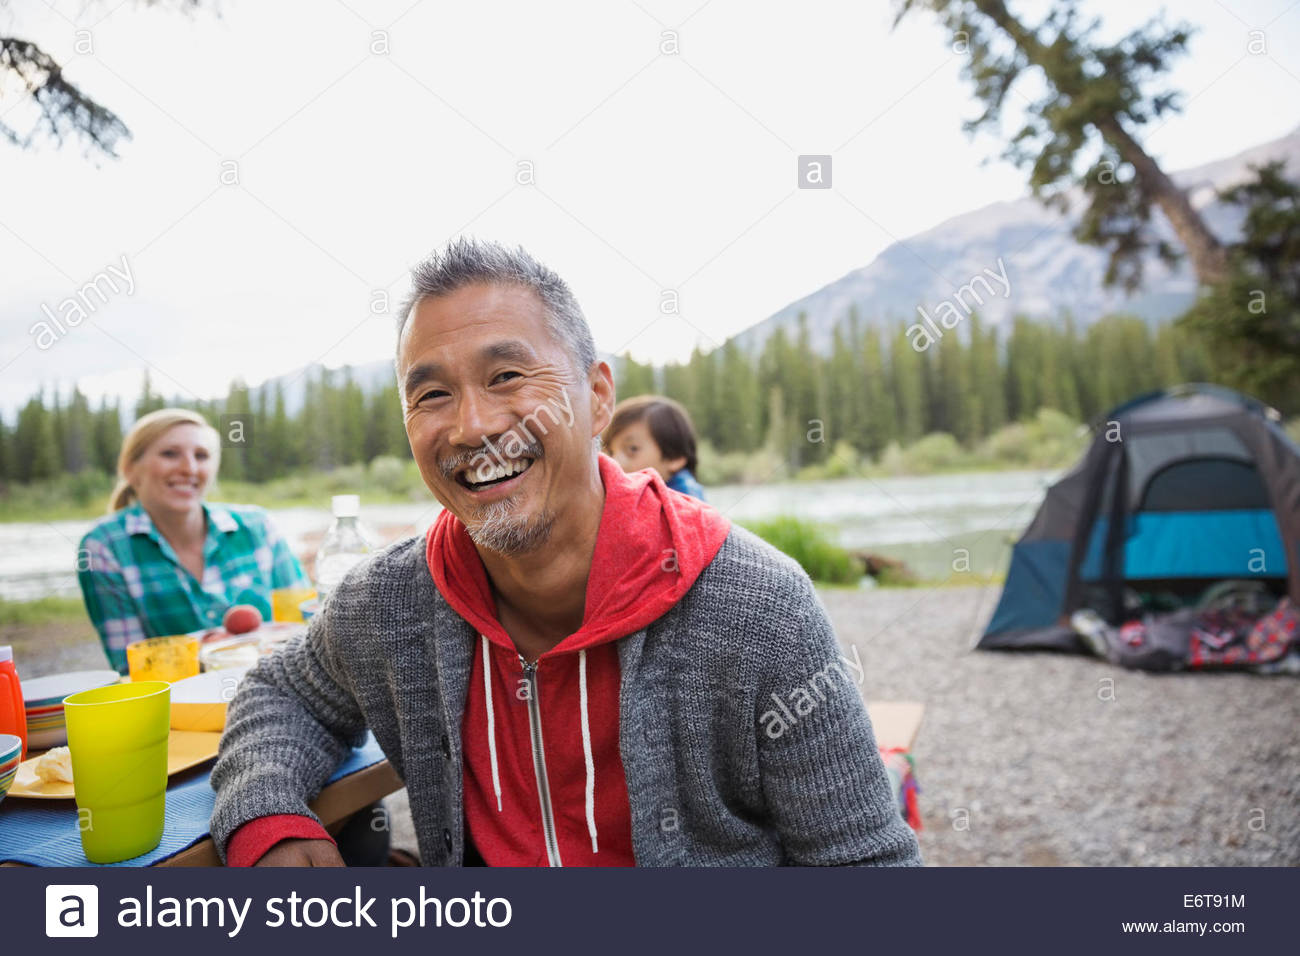 Hombre sonriente en la mesa de picnic en el camping Imagen De Stock